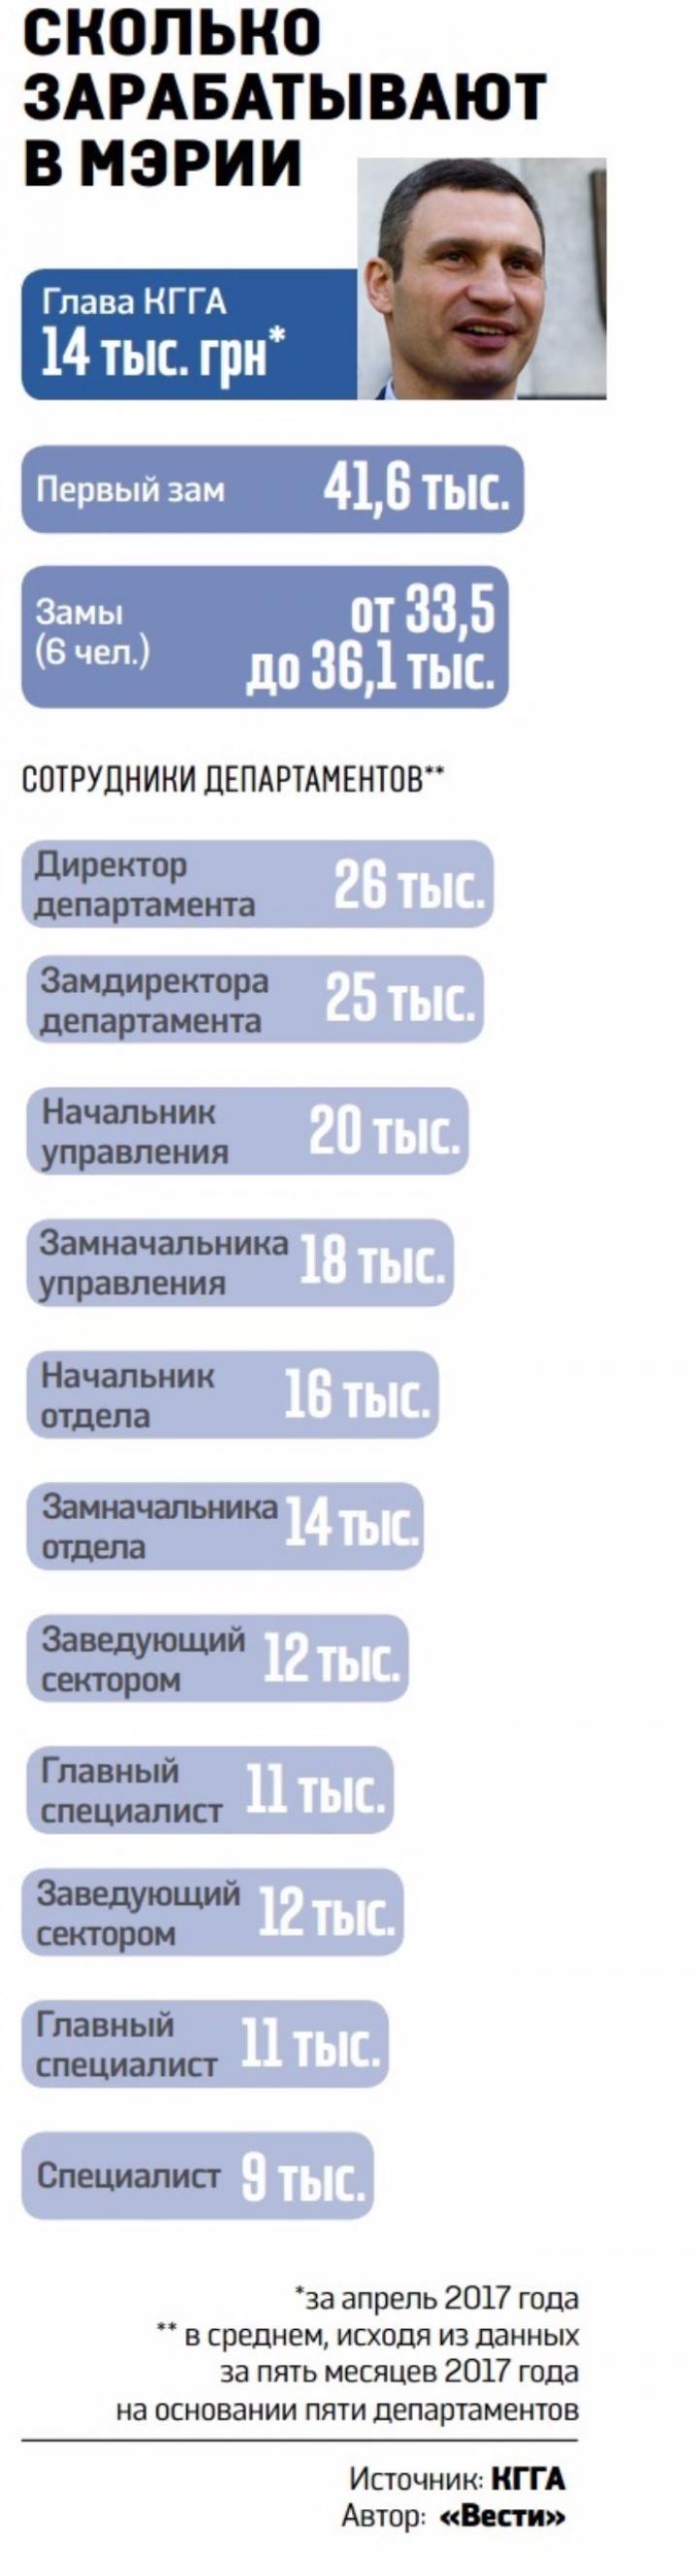 Сколько зарабатывает Кличко и его чиновники (инфографика)